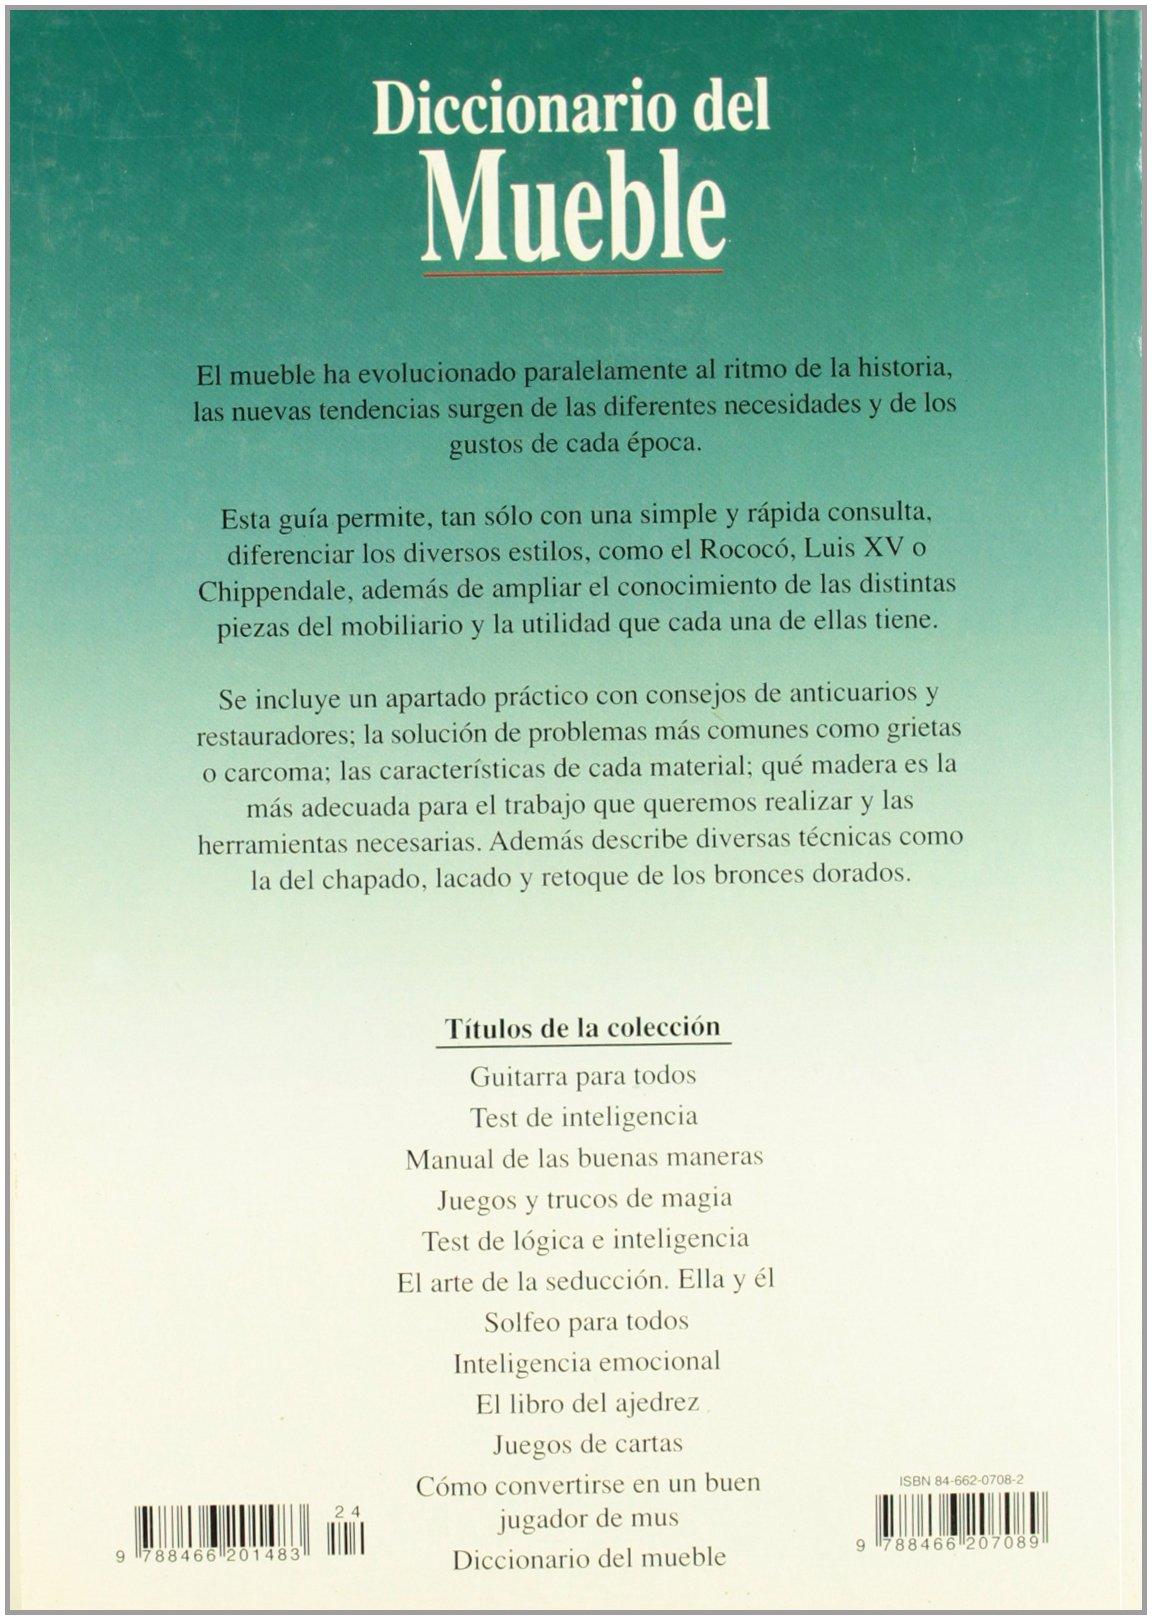 Amazon.com: Diccionario del Mueble (Spanish Edition ...